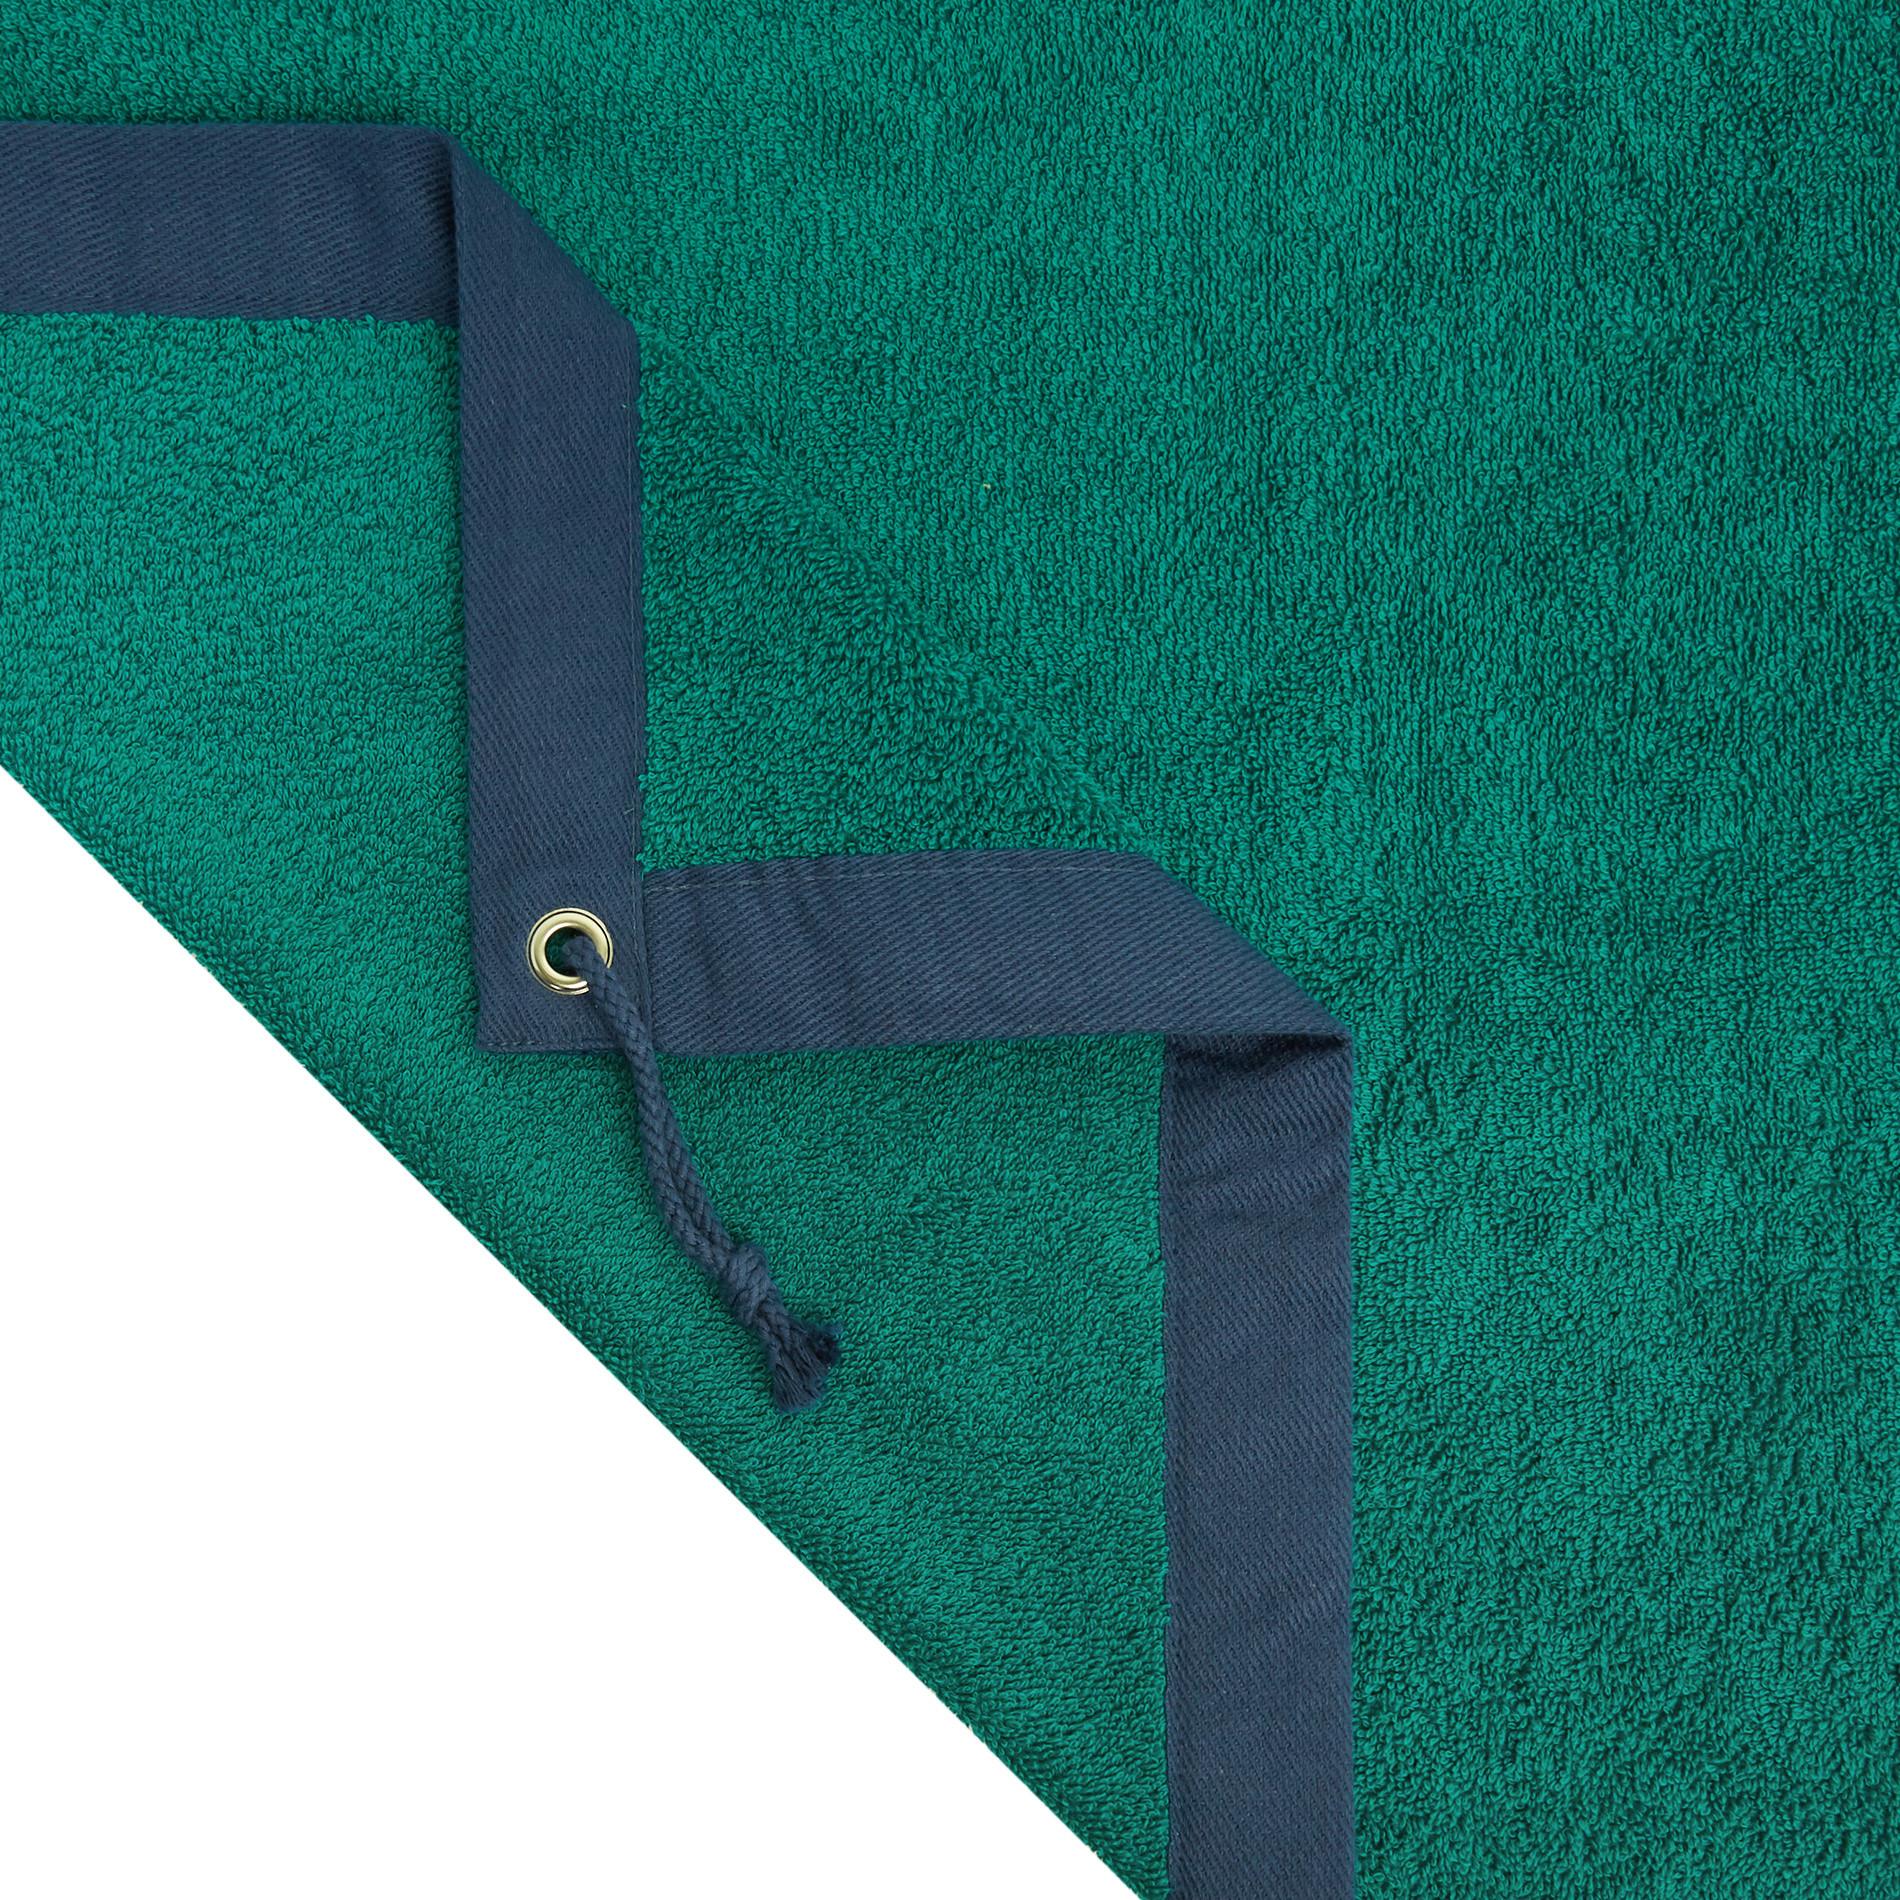 Telo mare spugna di cotone ricamo ancora, Verde scuro, large image number 1